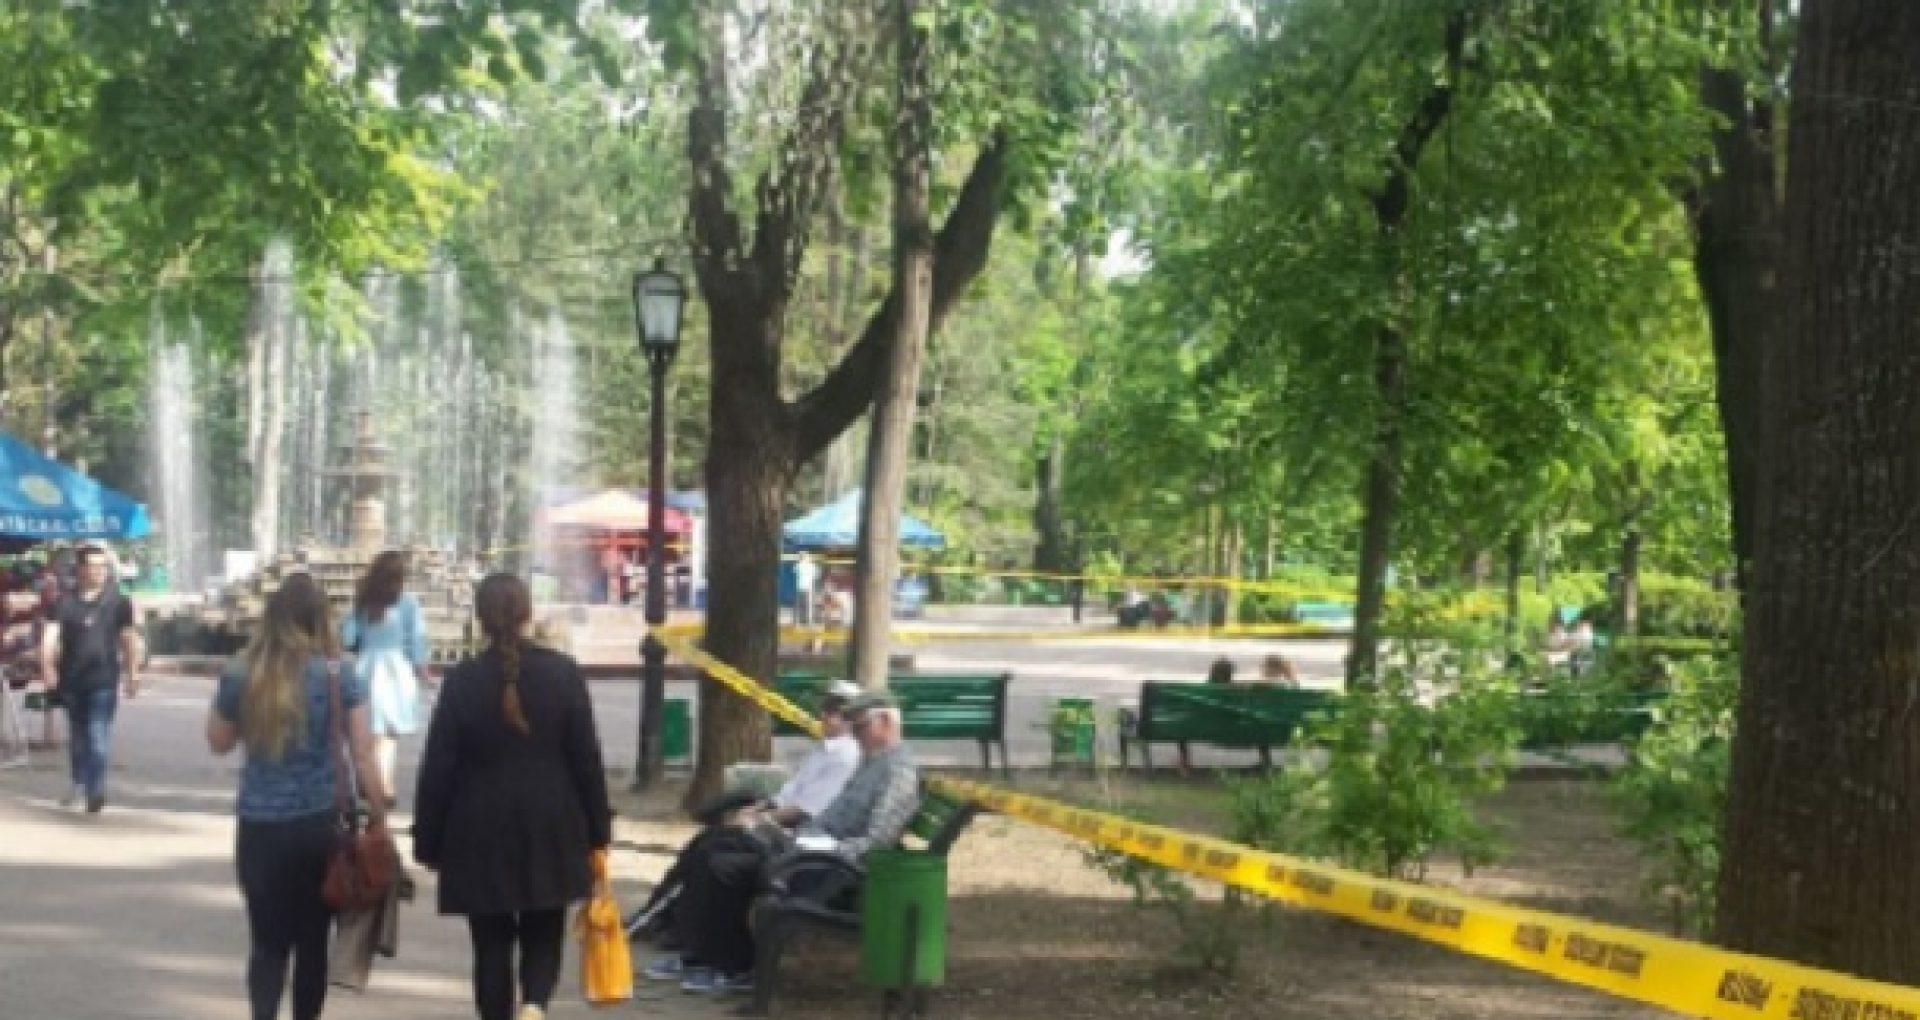 """Autoritățile municipale, în dezacord cu decizia CSE: ieșirile în parcuri și la terenuri de joacă, permise în grup de trei persoane, iar purtarea măștilor – obligatorie. Ceban: """"A fost permis că să nu arătăm straniu"""""""